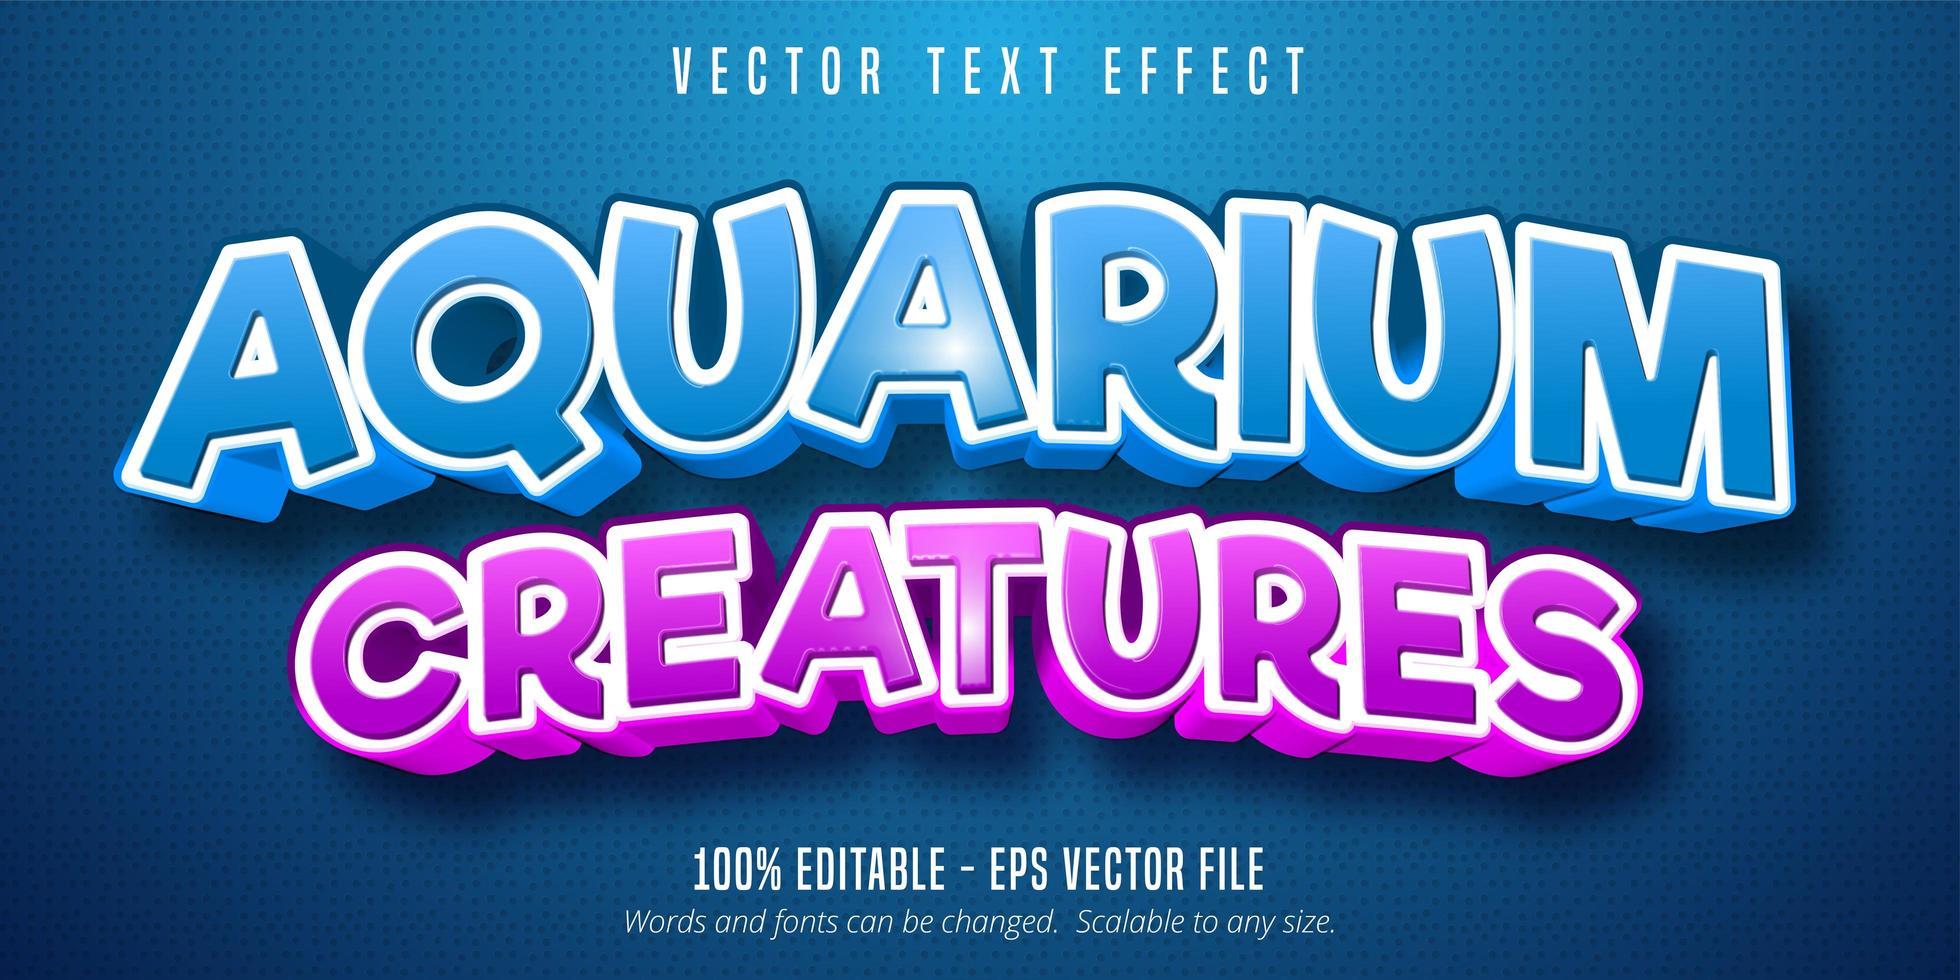 créatures d'aquarium effet de texte de style bande dessinée bleu et violet vecteur